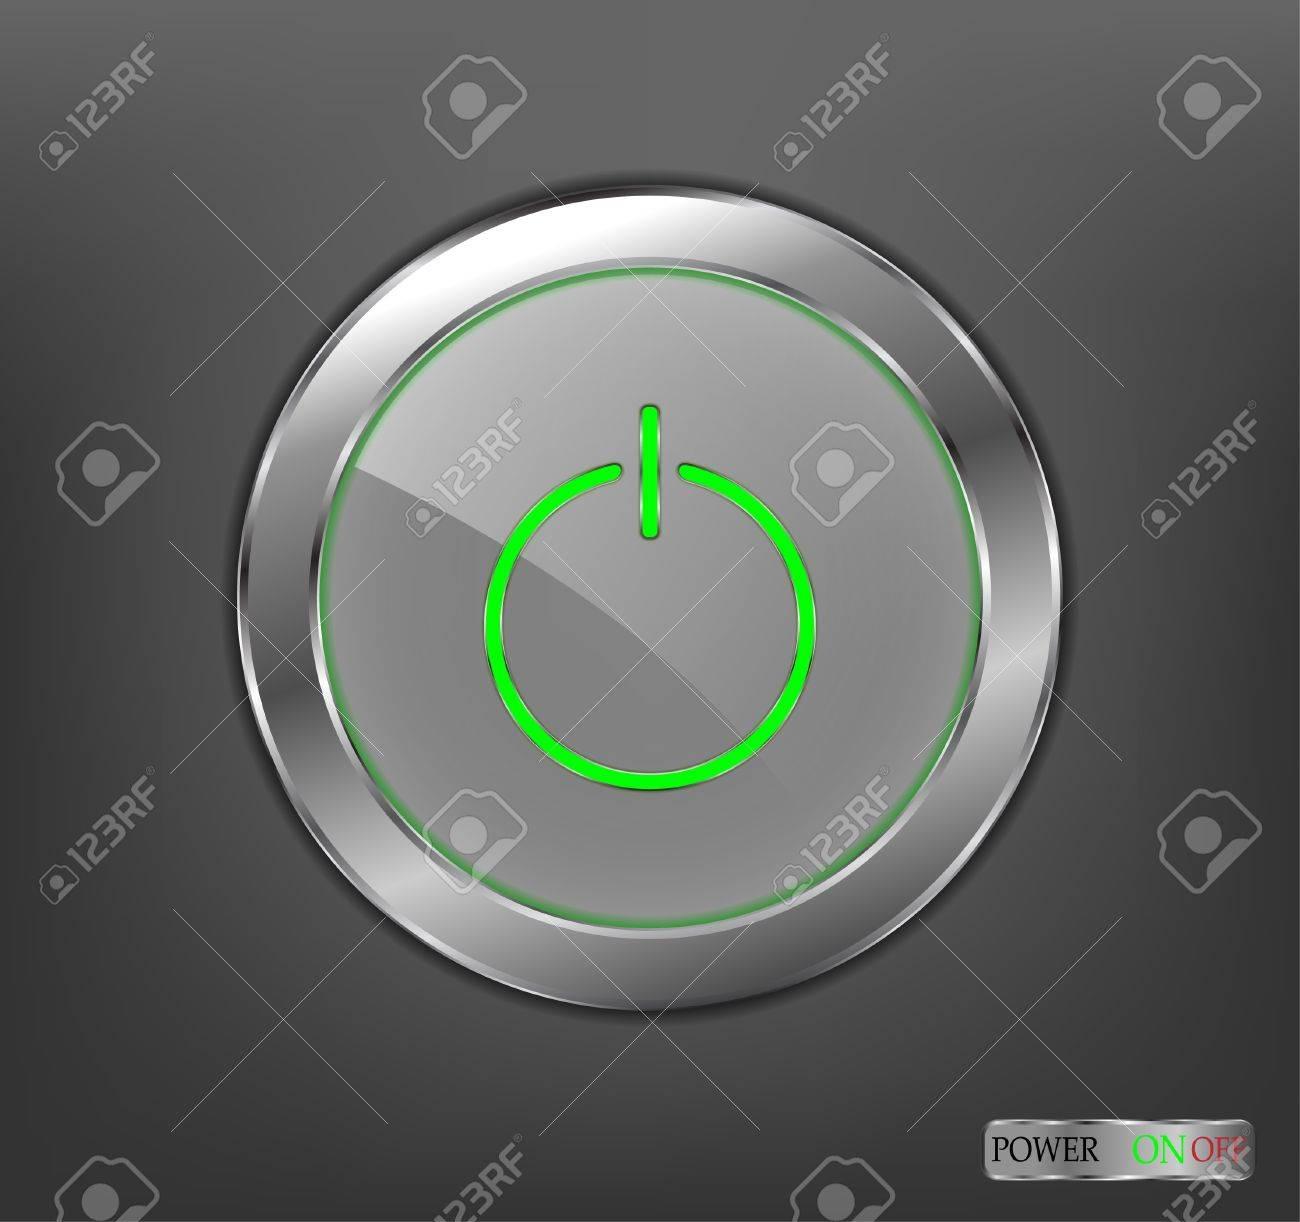 Power button Stock Vector - 12486382